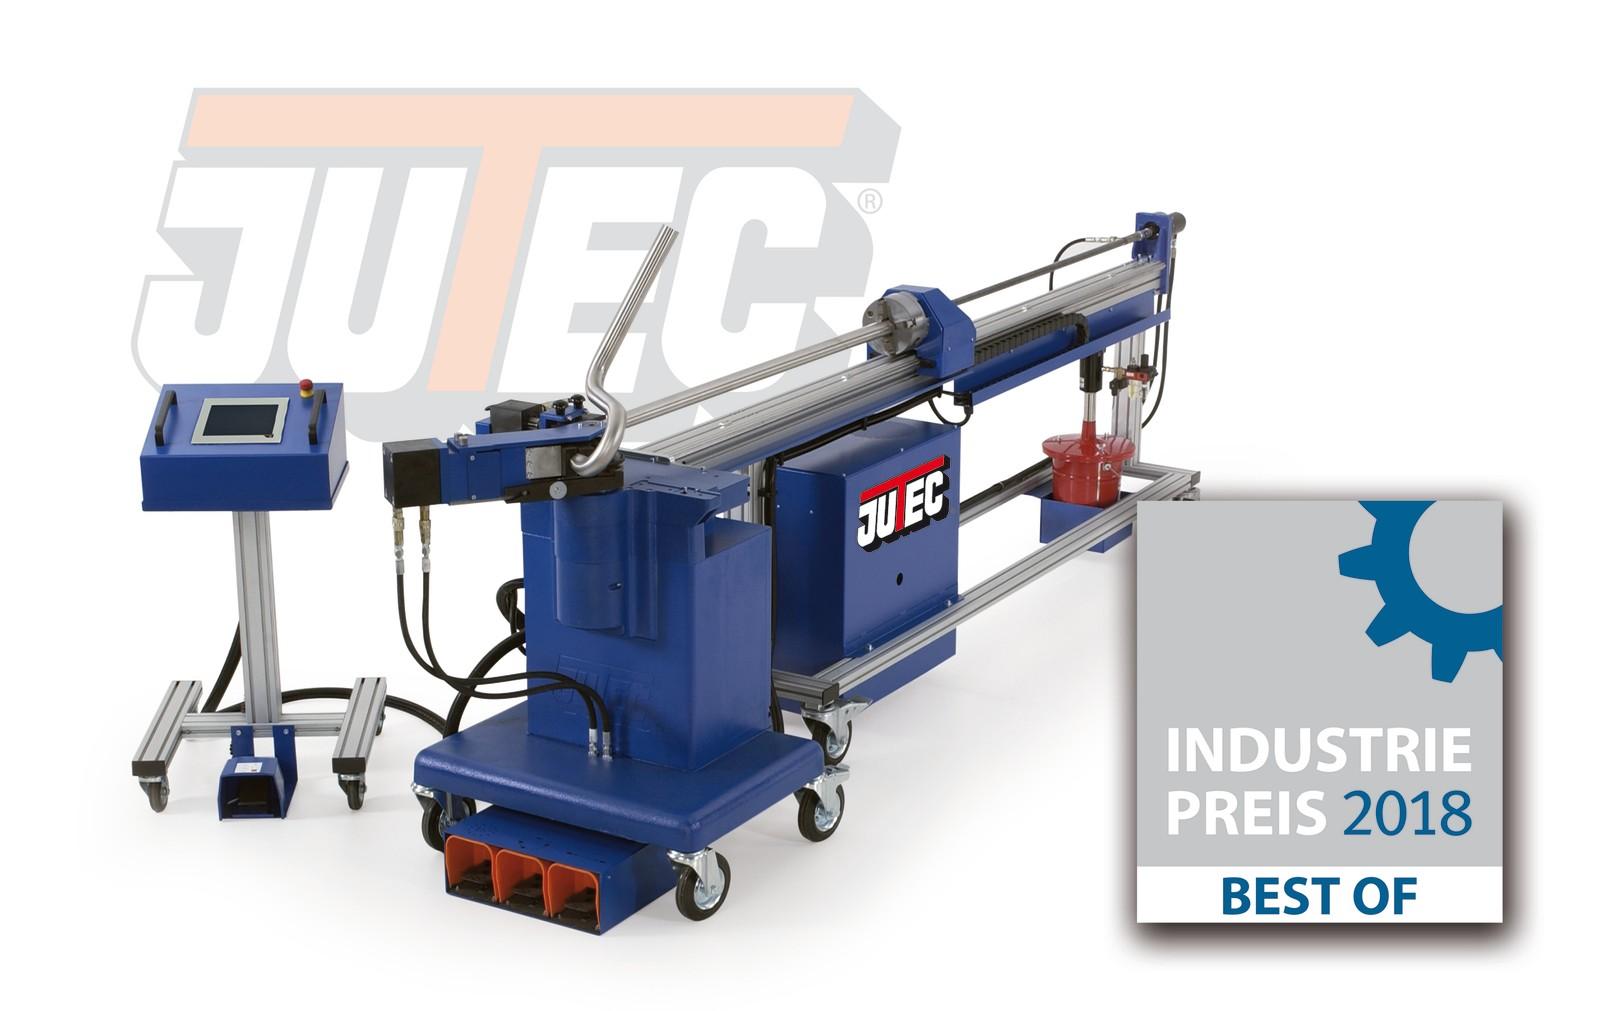 """Die Dornbiegemaschine 5000 von Jutec stellt sich als Alternative zu vollautomatischen Biegesystemen da. Das Biegesystem würde mit dem """"Best of"""" des Industriepreis 2018 ausgezeichnet."""